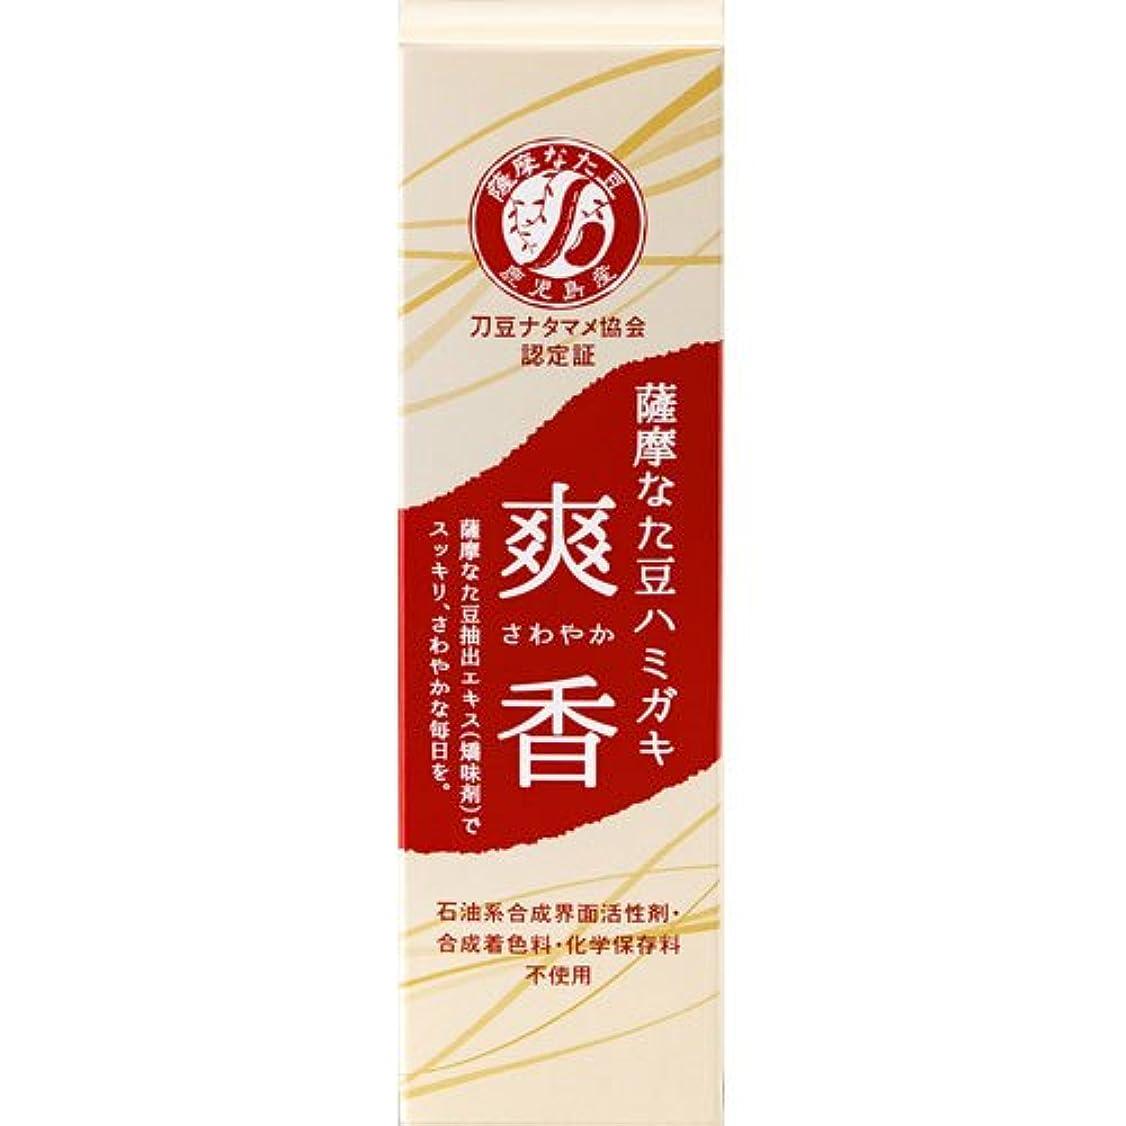 ロゴ膨張する郵便物薩摩なた豆歯磨き 爽香(さわやか) 125g